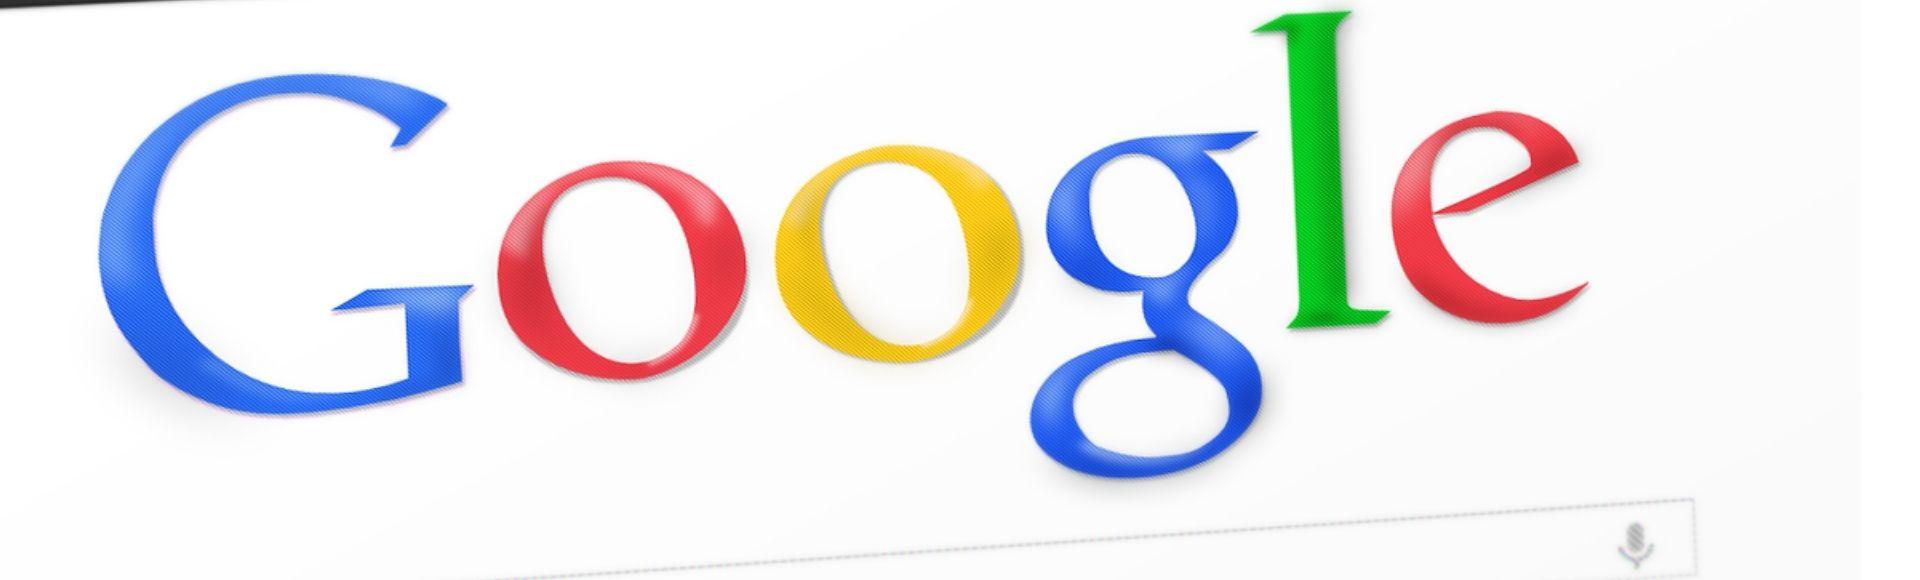 Google Ads czy się opłaca